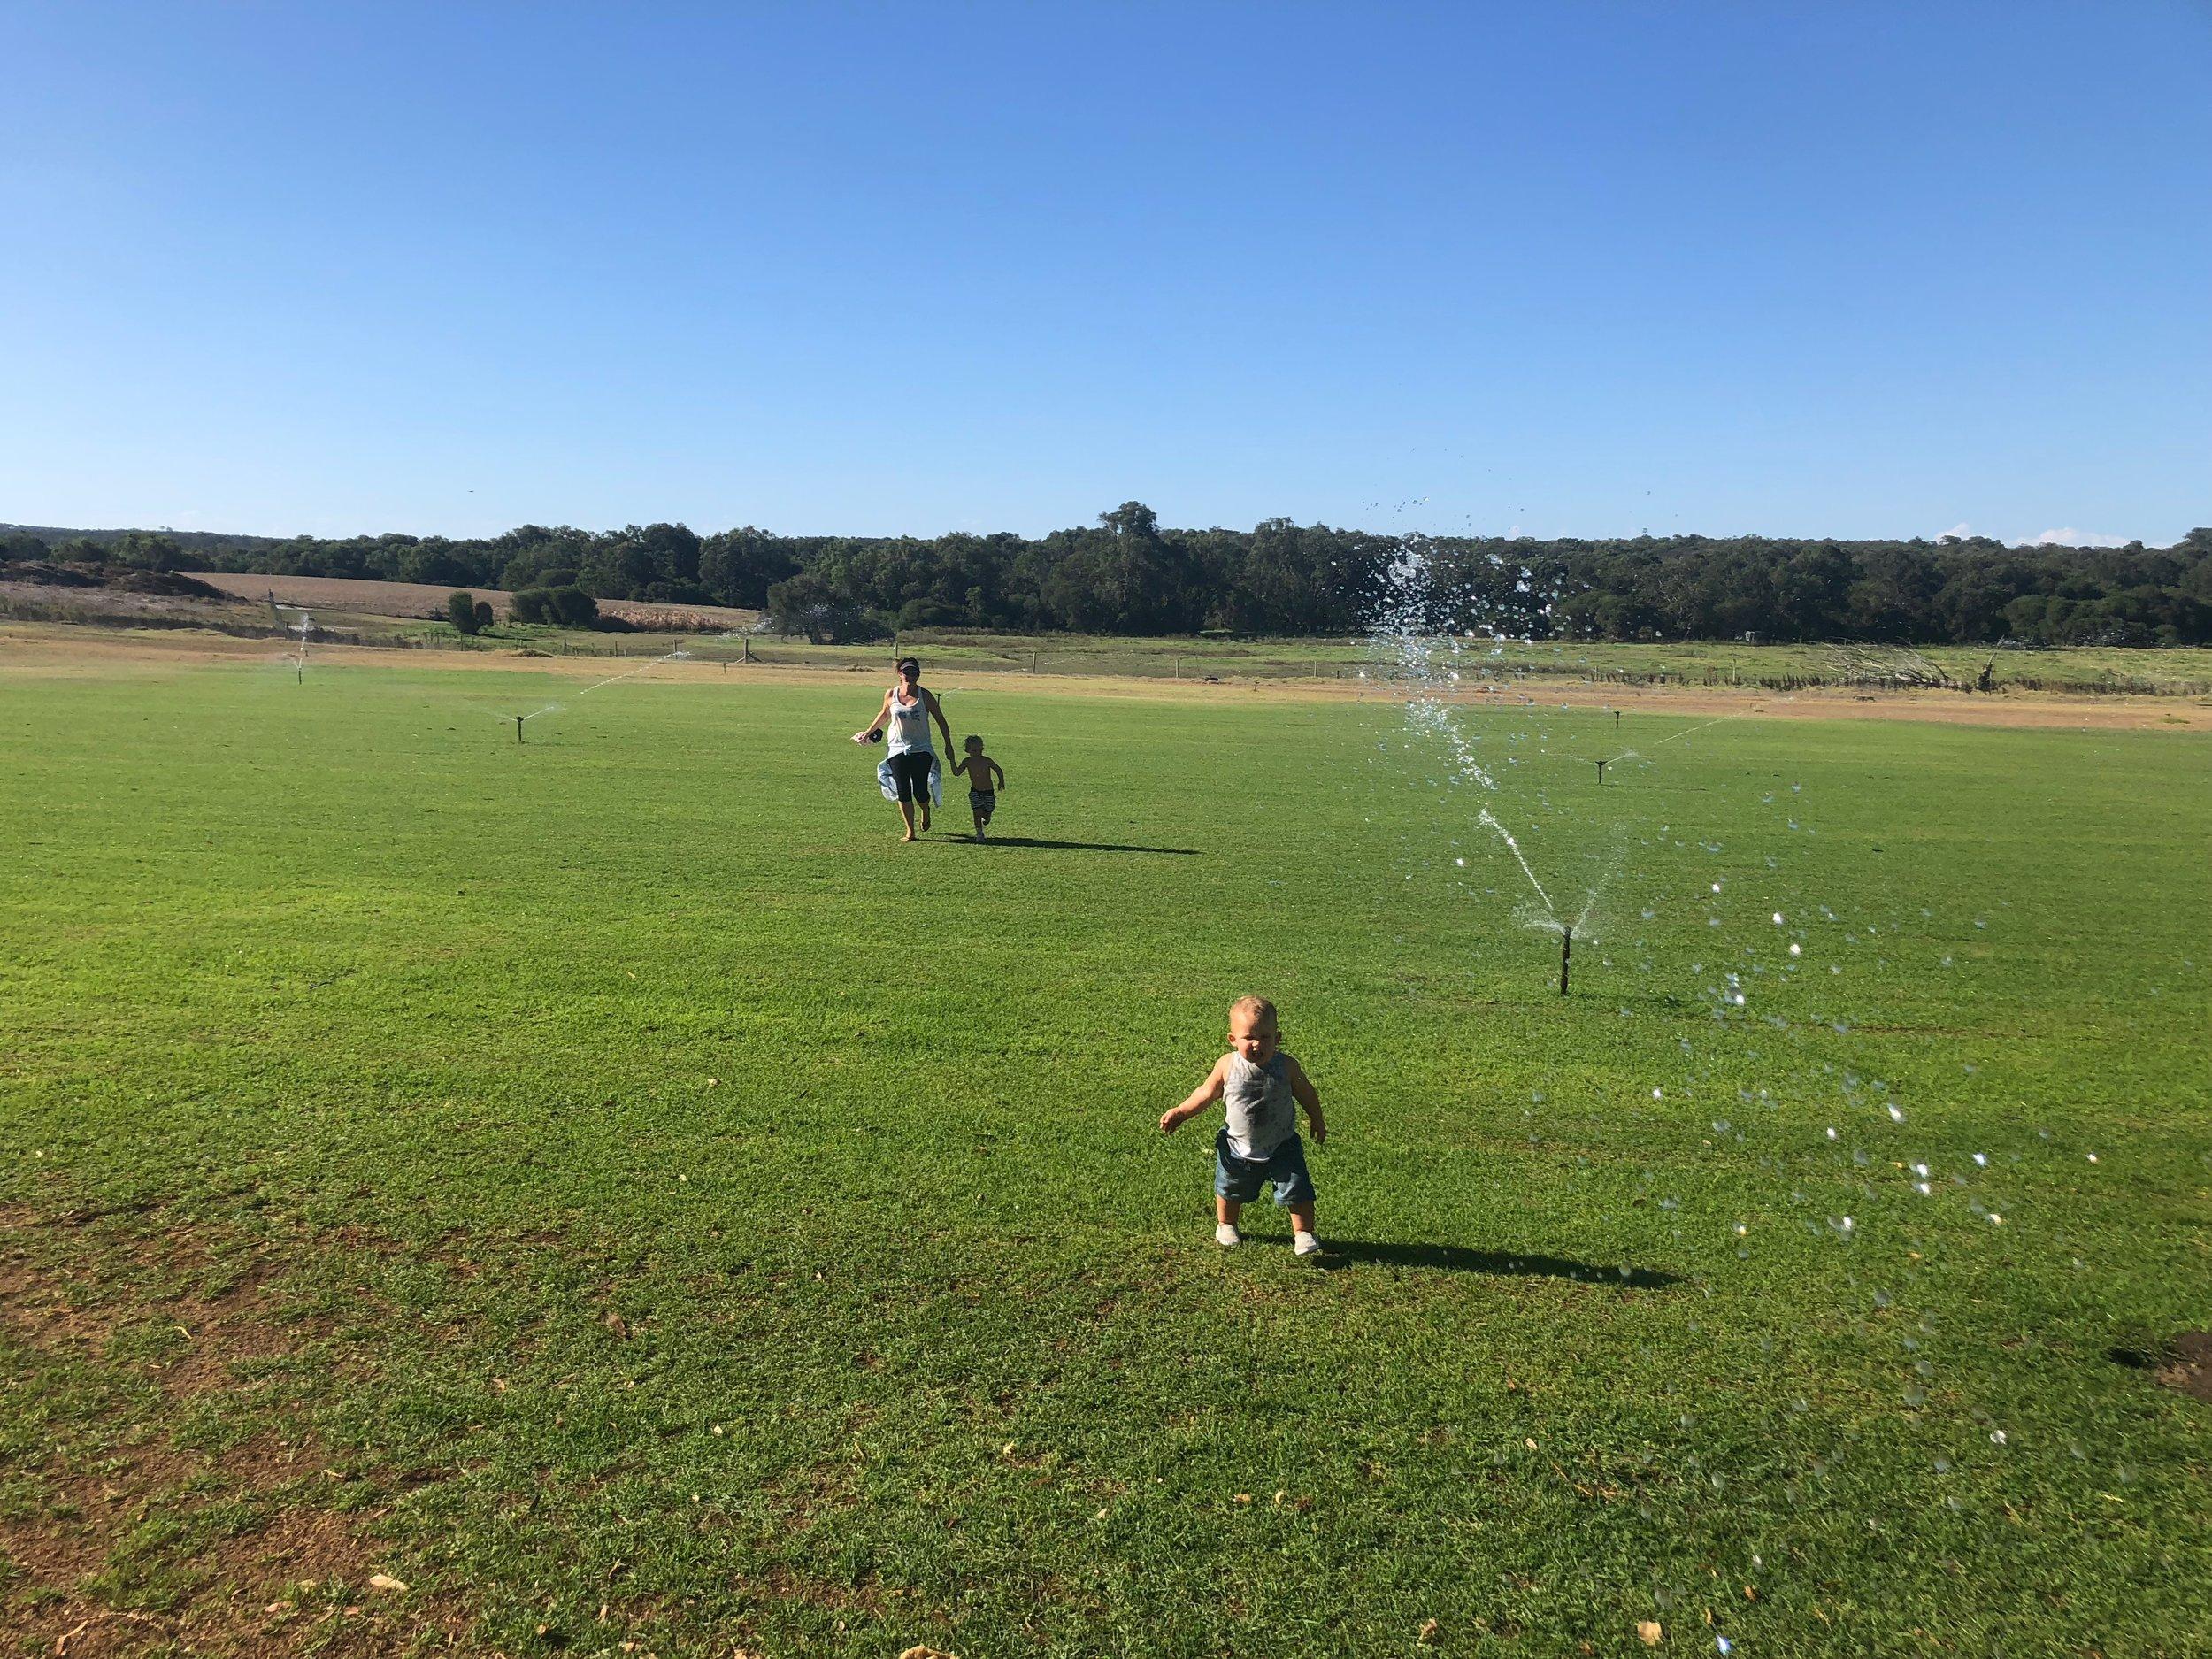 Dodging sprinklers